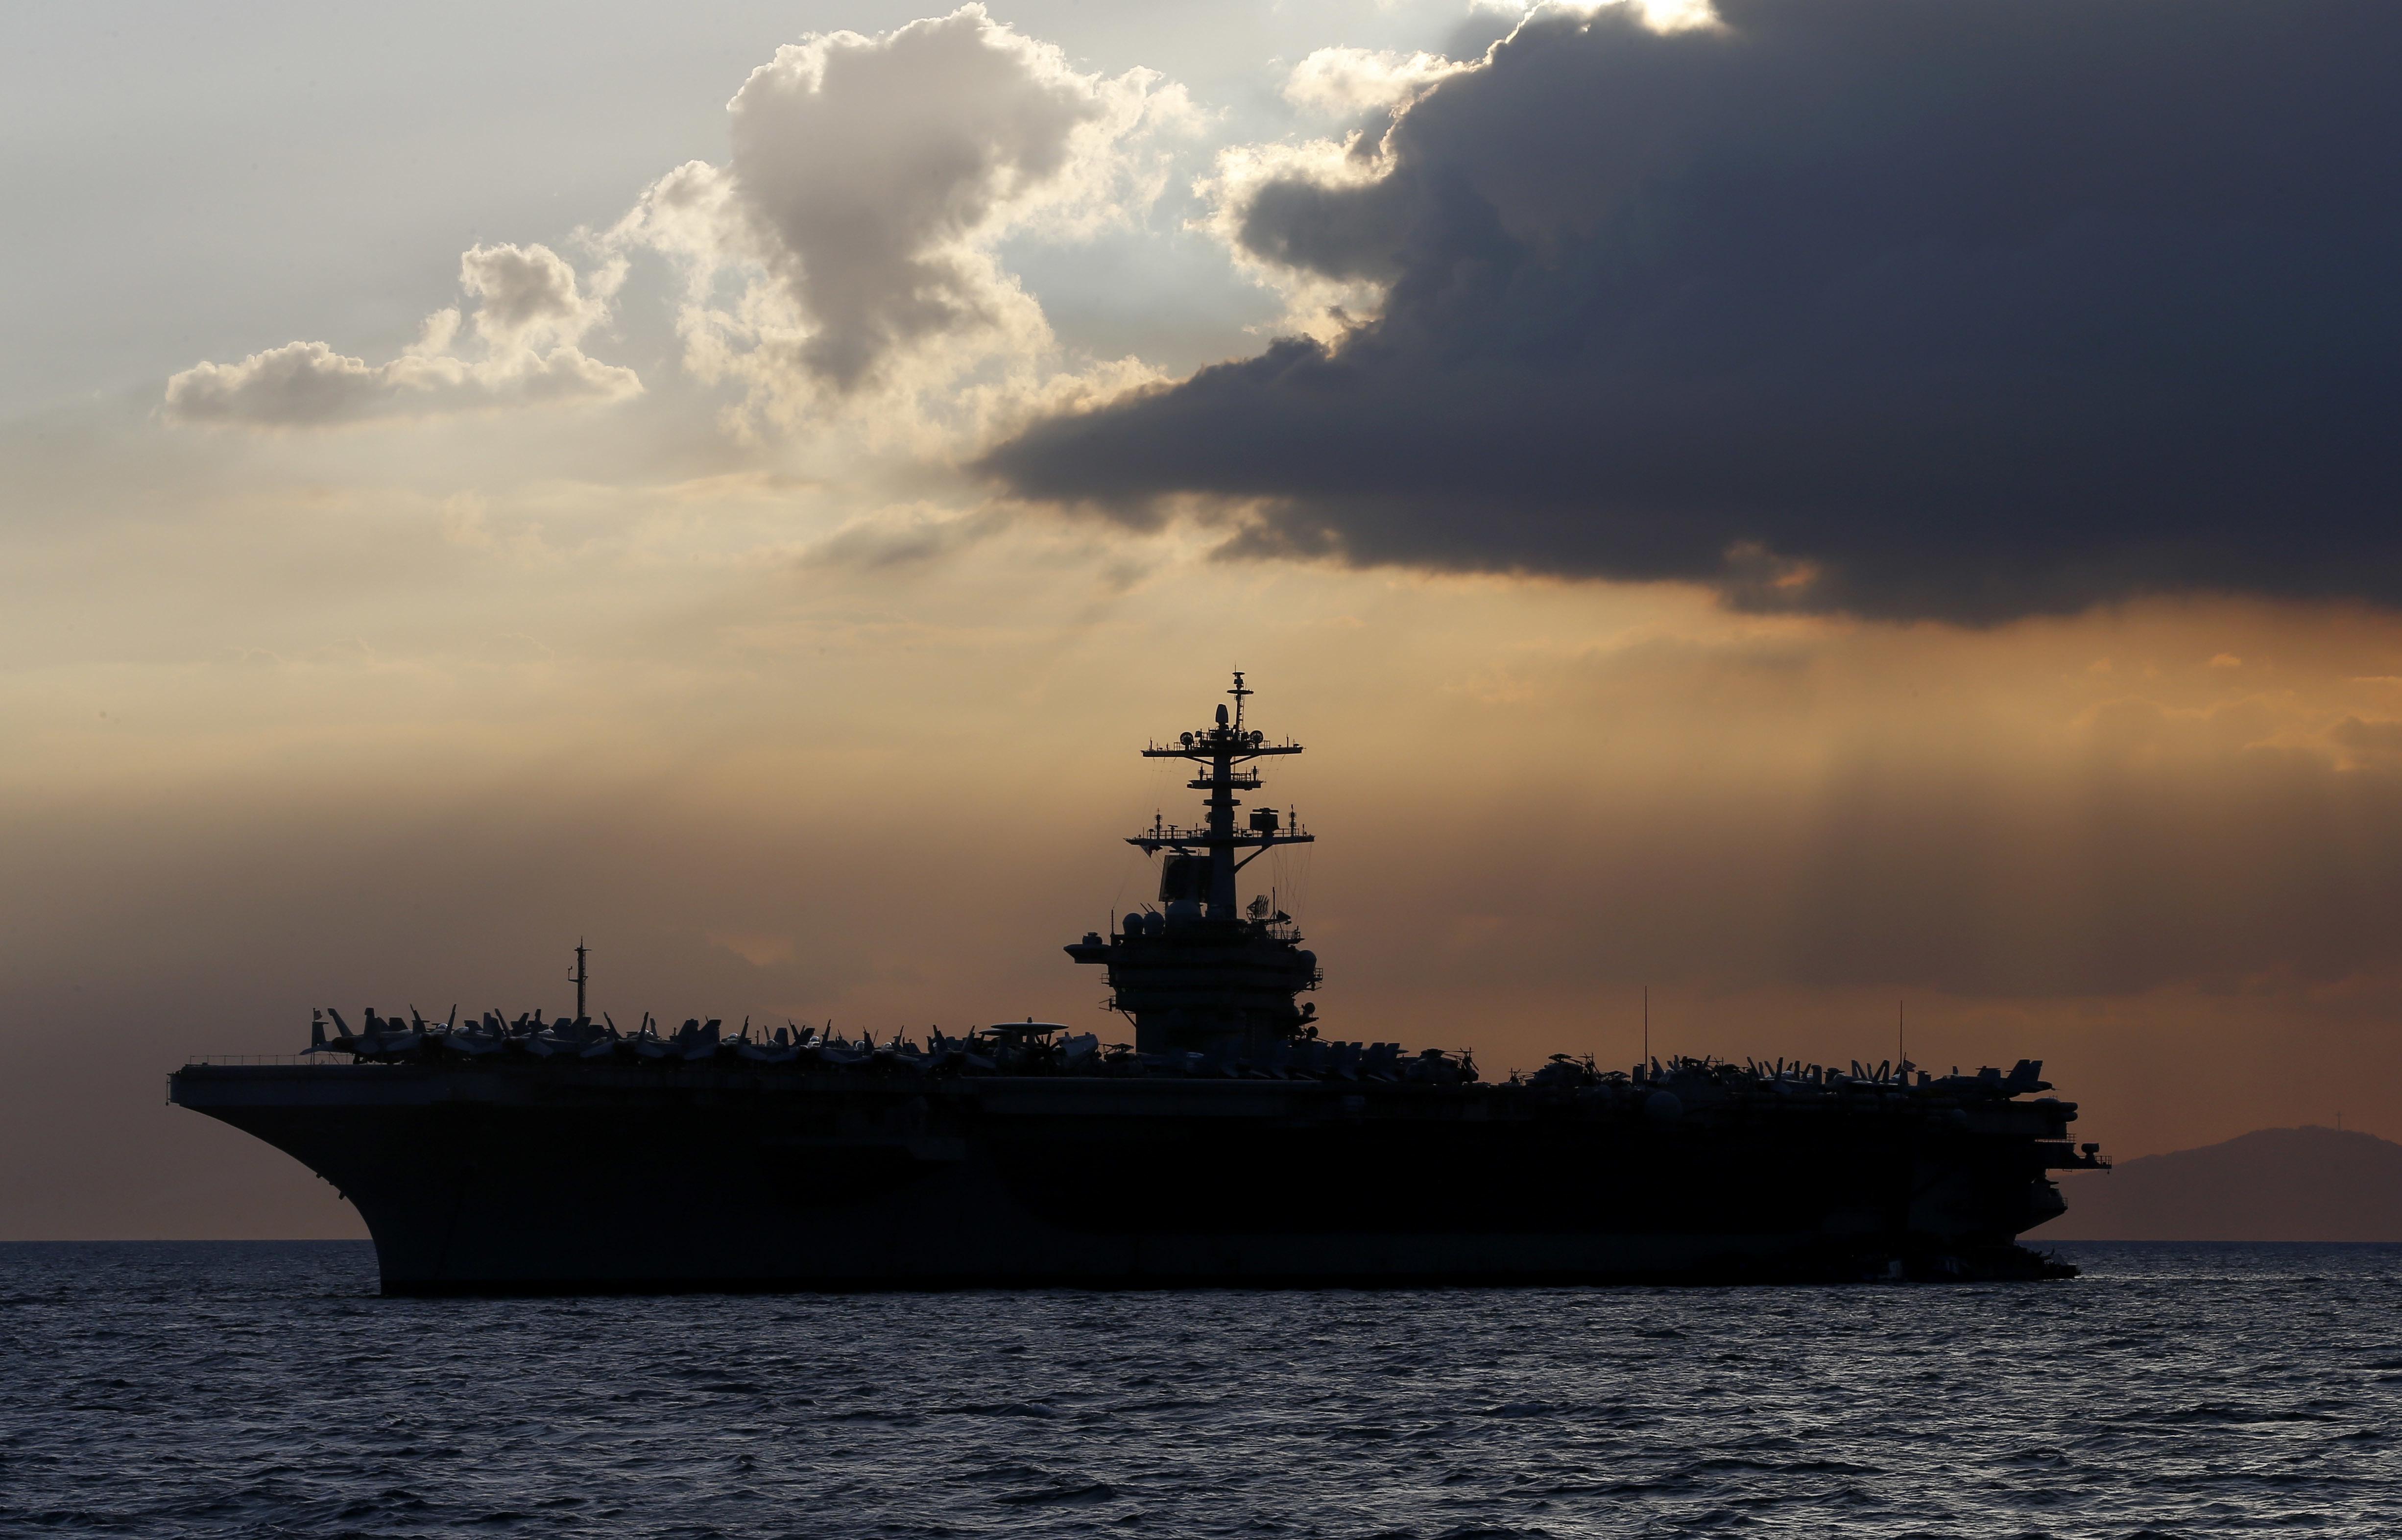 وزير الدفاع يؤكد أن أزمة سفينة روزفلت وانتشار كورونما المستجد لا يقوضان قدرات الجيش الأميركي